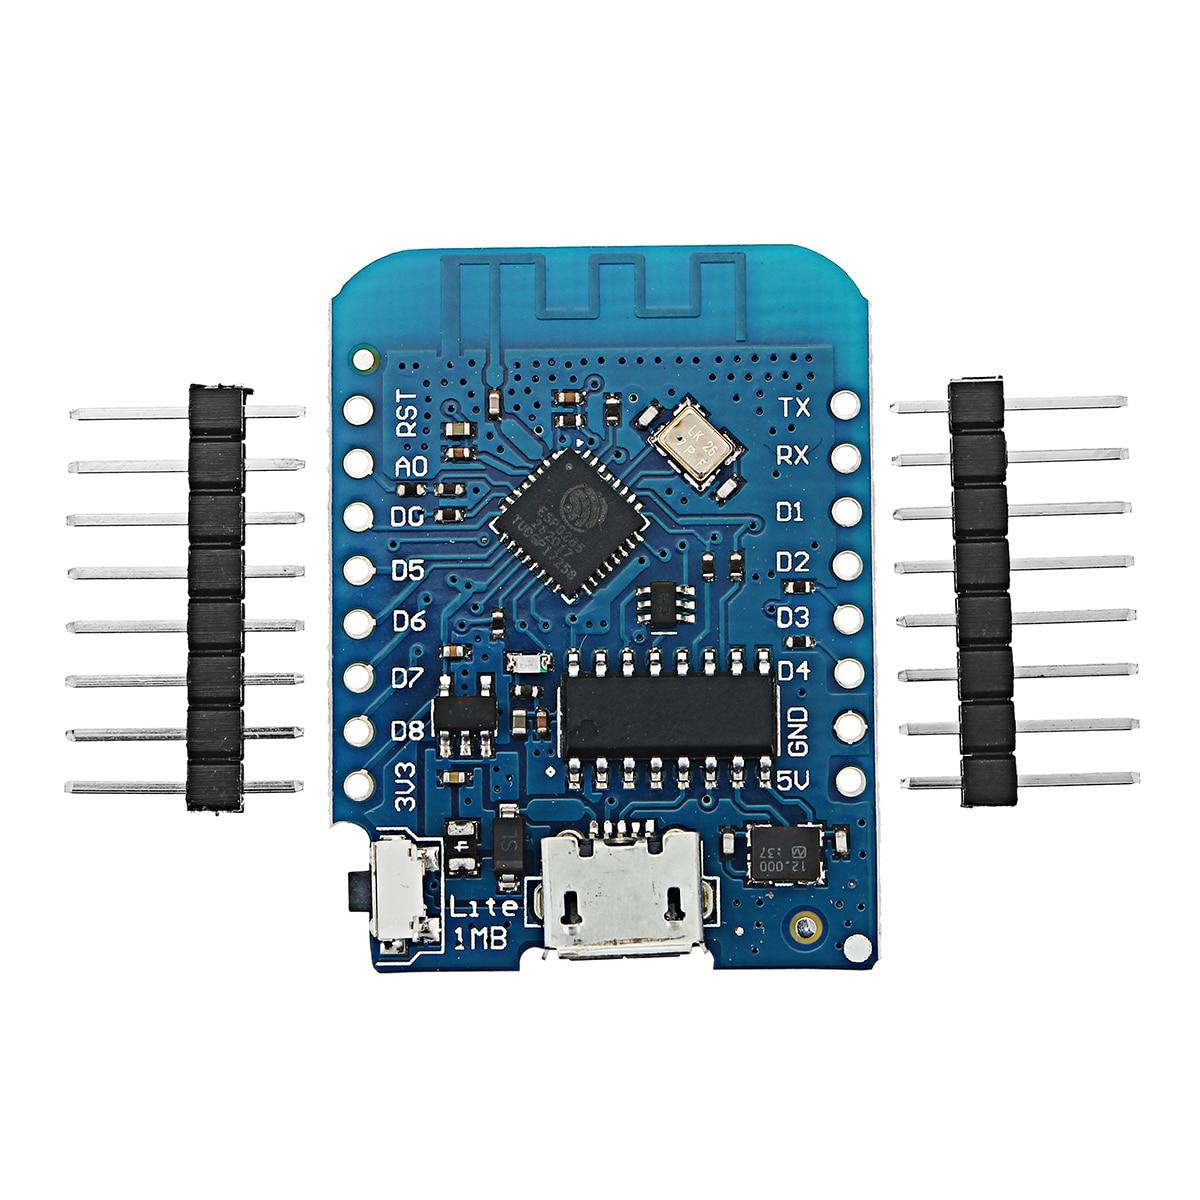 Pour WEMOS D1 Mini Lite V1.0.0 WIFI Internet De Choses Développement Conseil Basé ESP8285 1 MB FLASH